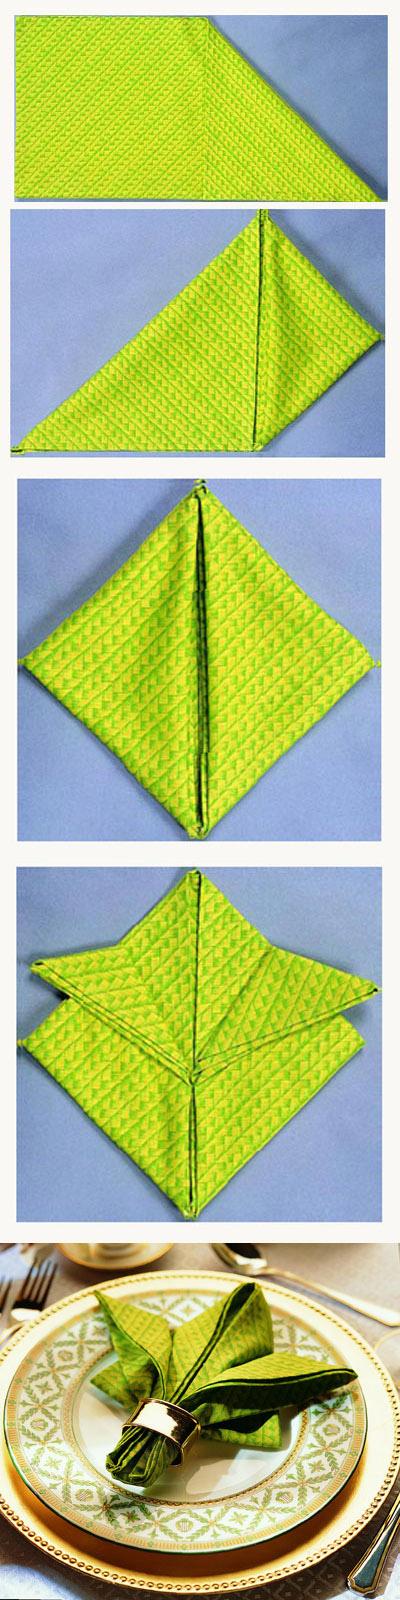 Formas de doblar servilletas de papel y de tela decorar - Como doblar servilletas de tela ...